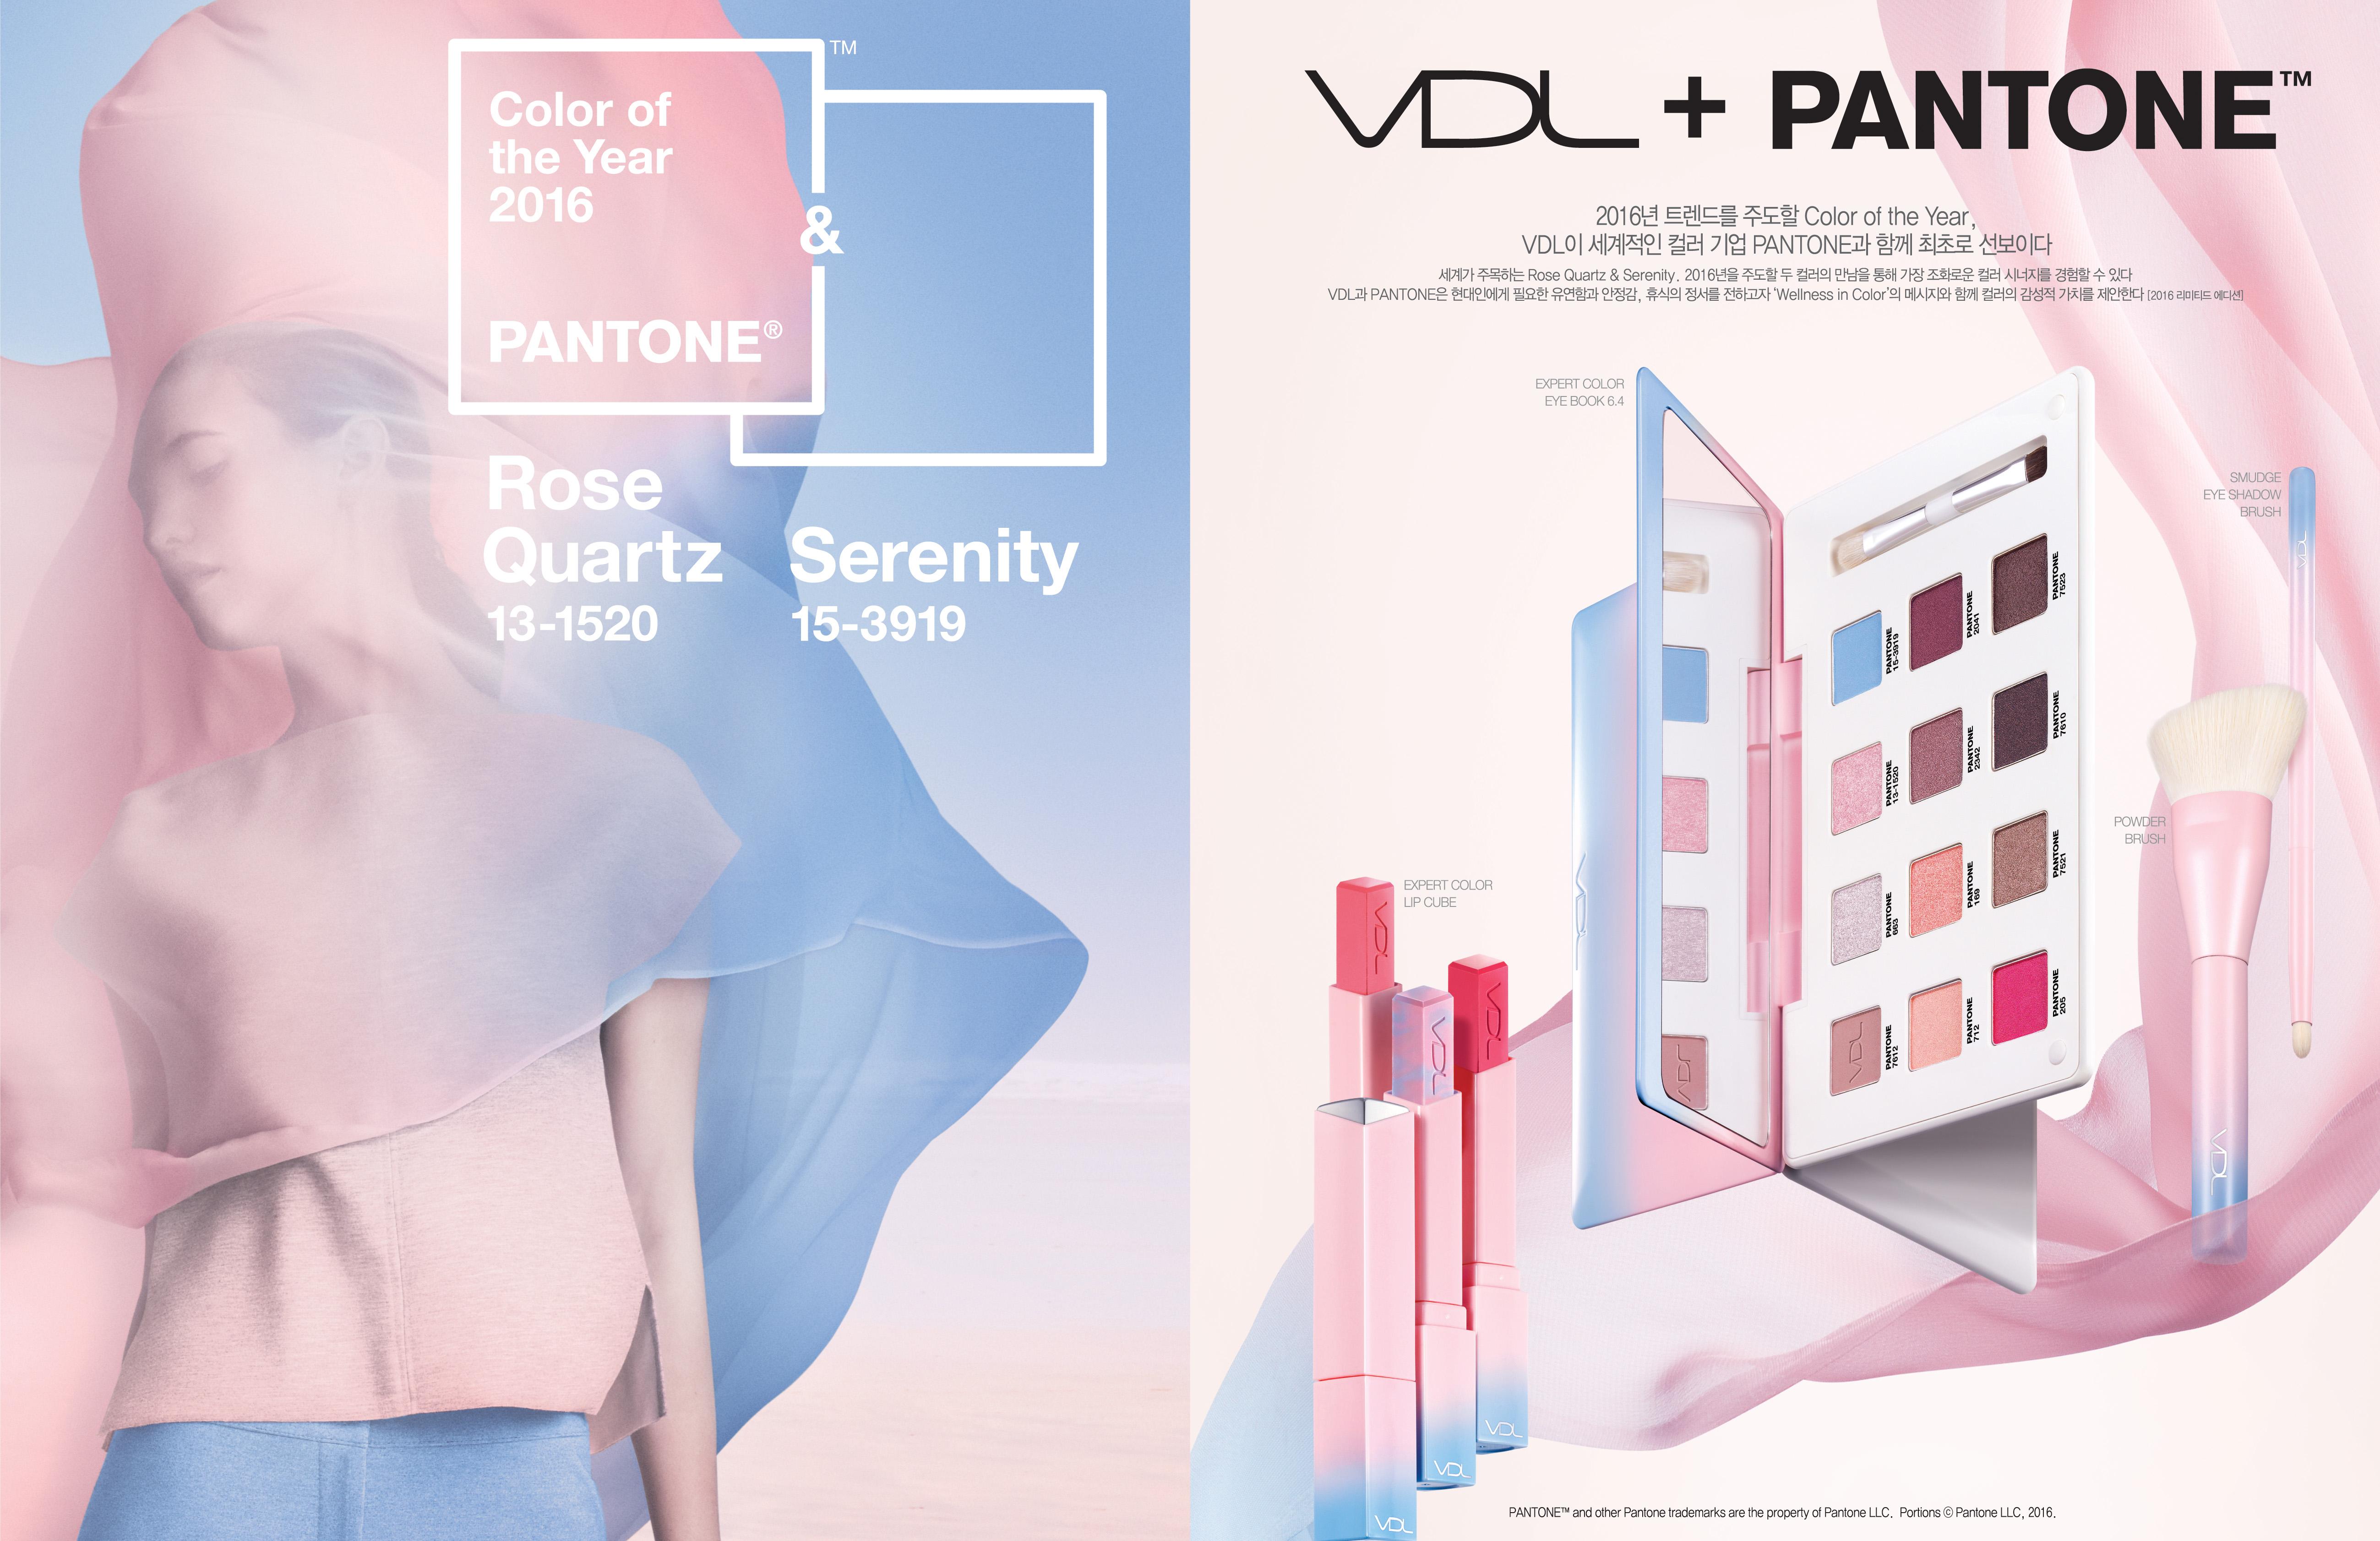 是的!就在本週,韓國美妝品牌VDL也推出了「VDL+PANTONE」聯名的彩妝系列,超級美呀~~美到讓人心都融化了~~